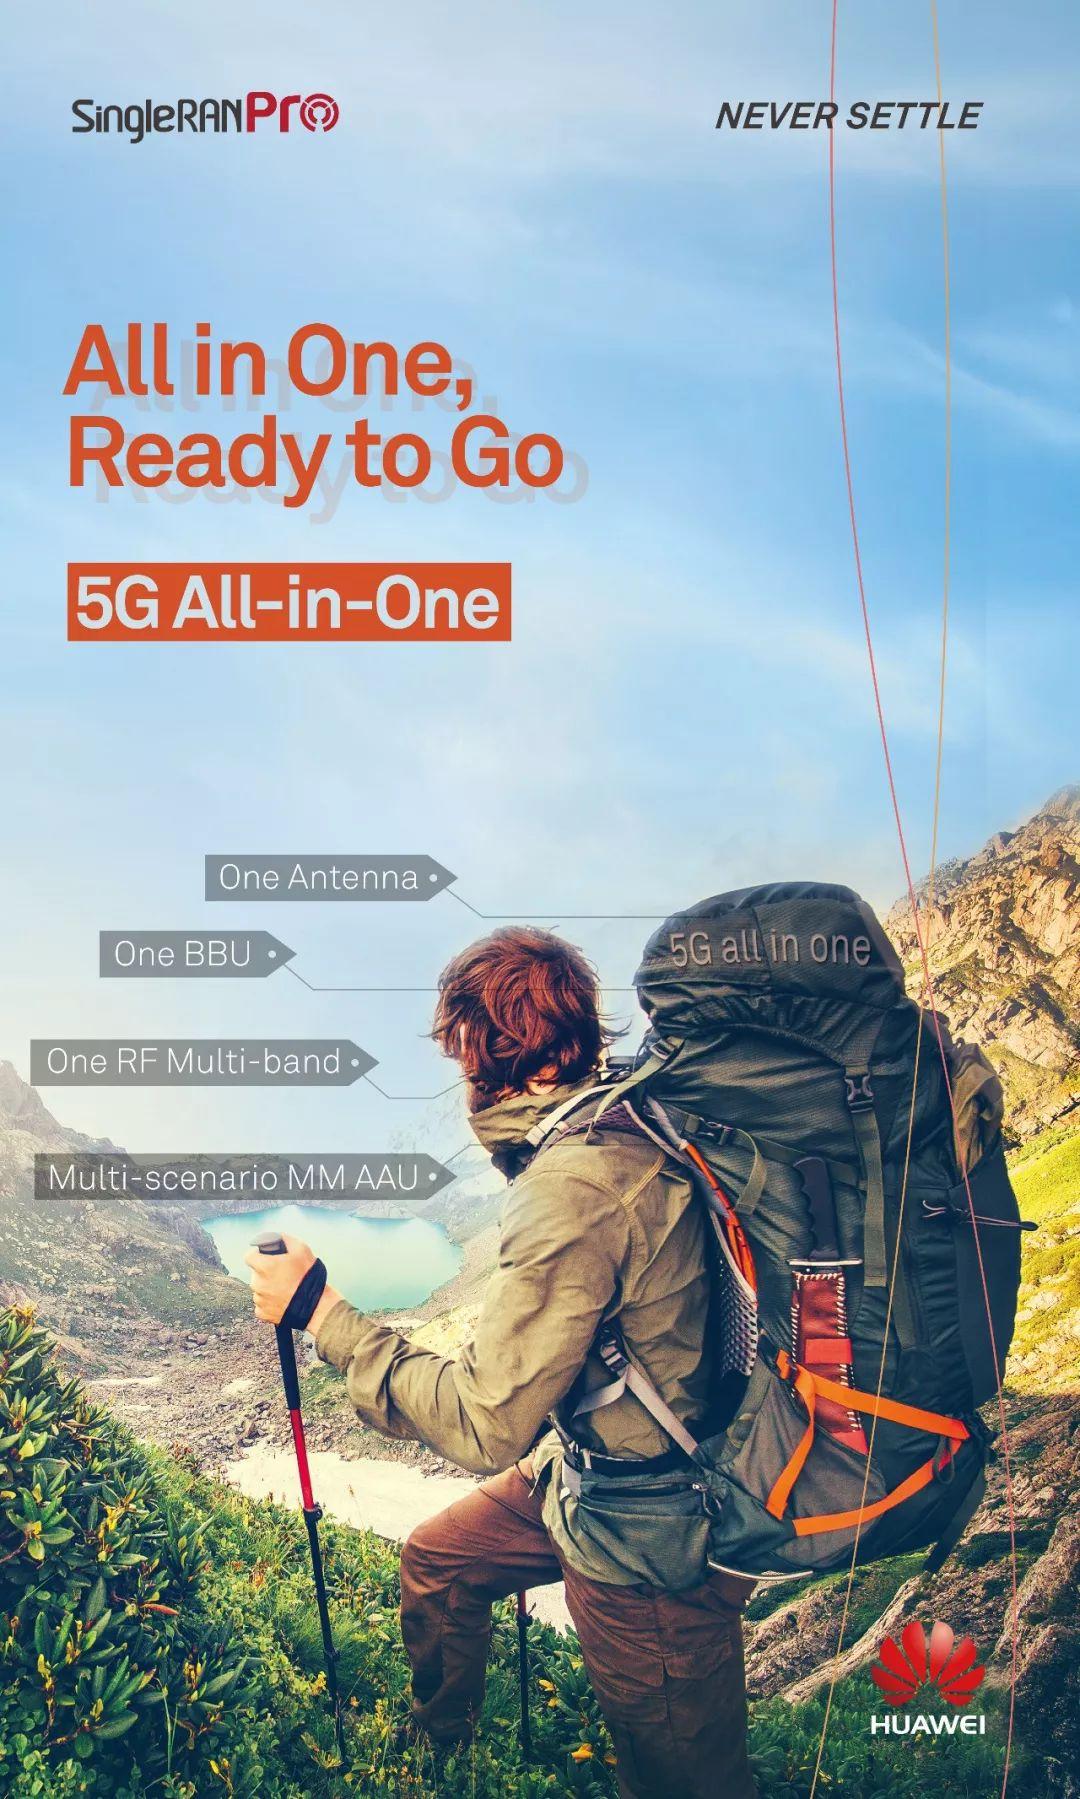 华为SingleRAN Pro解决方案,一张网支持5G兼容2G、3G、4G